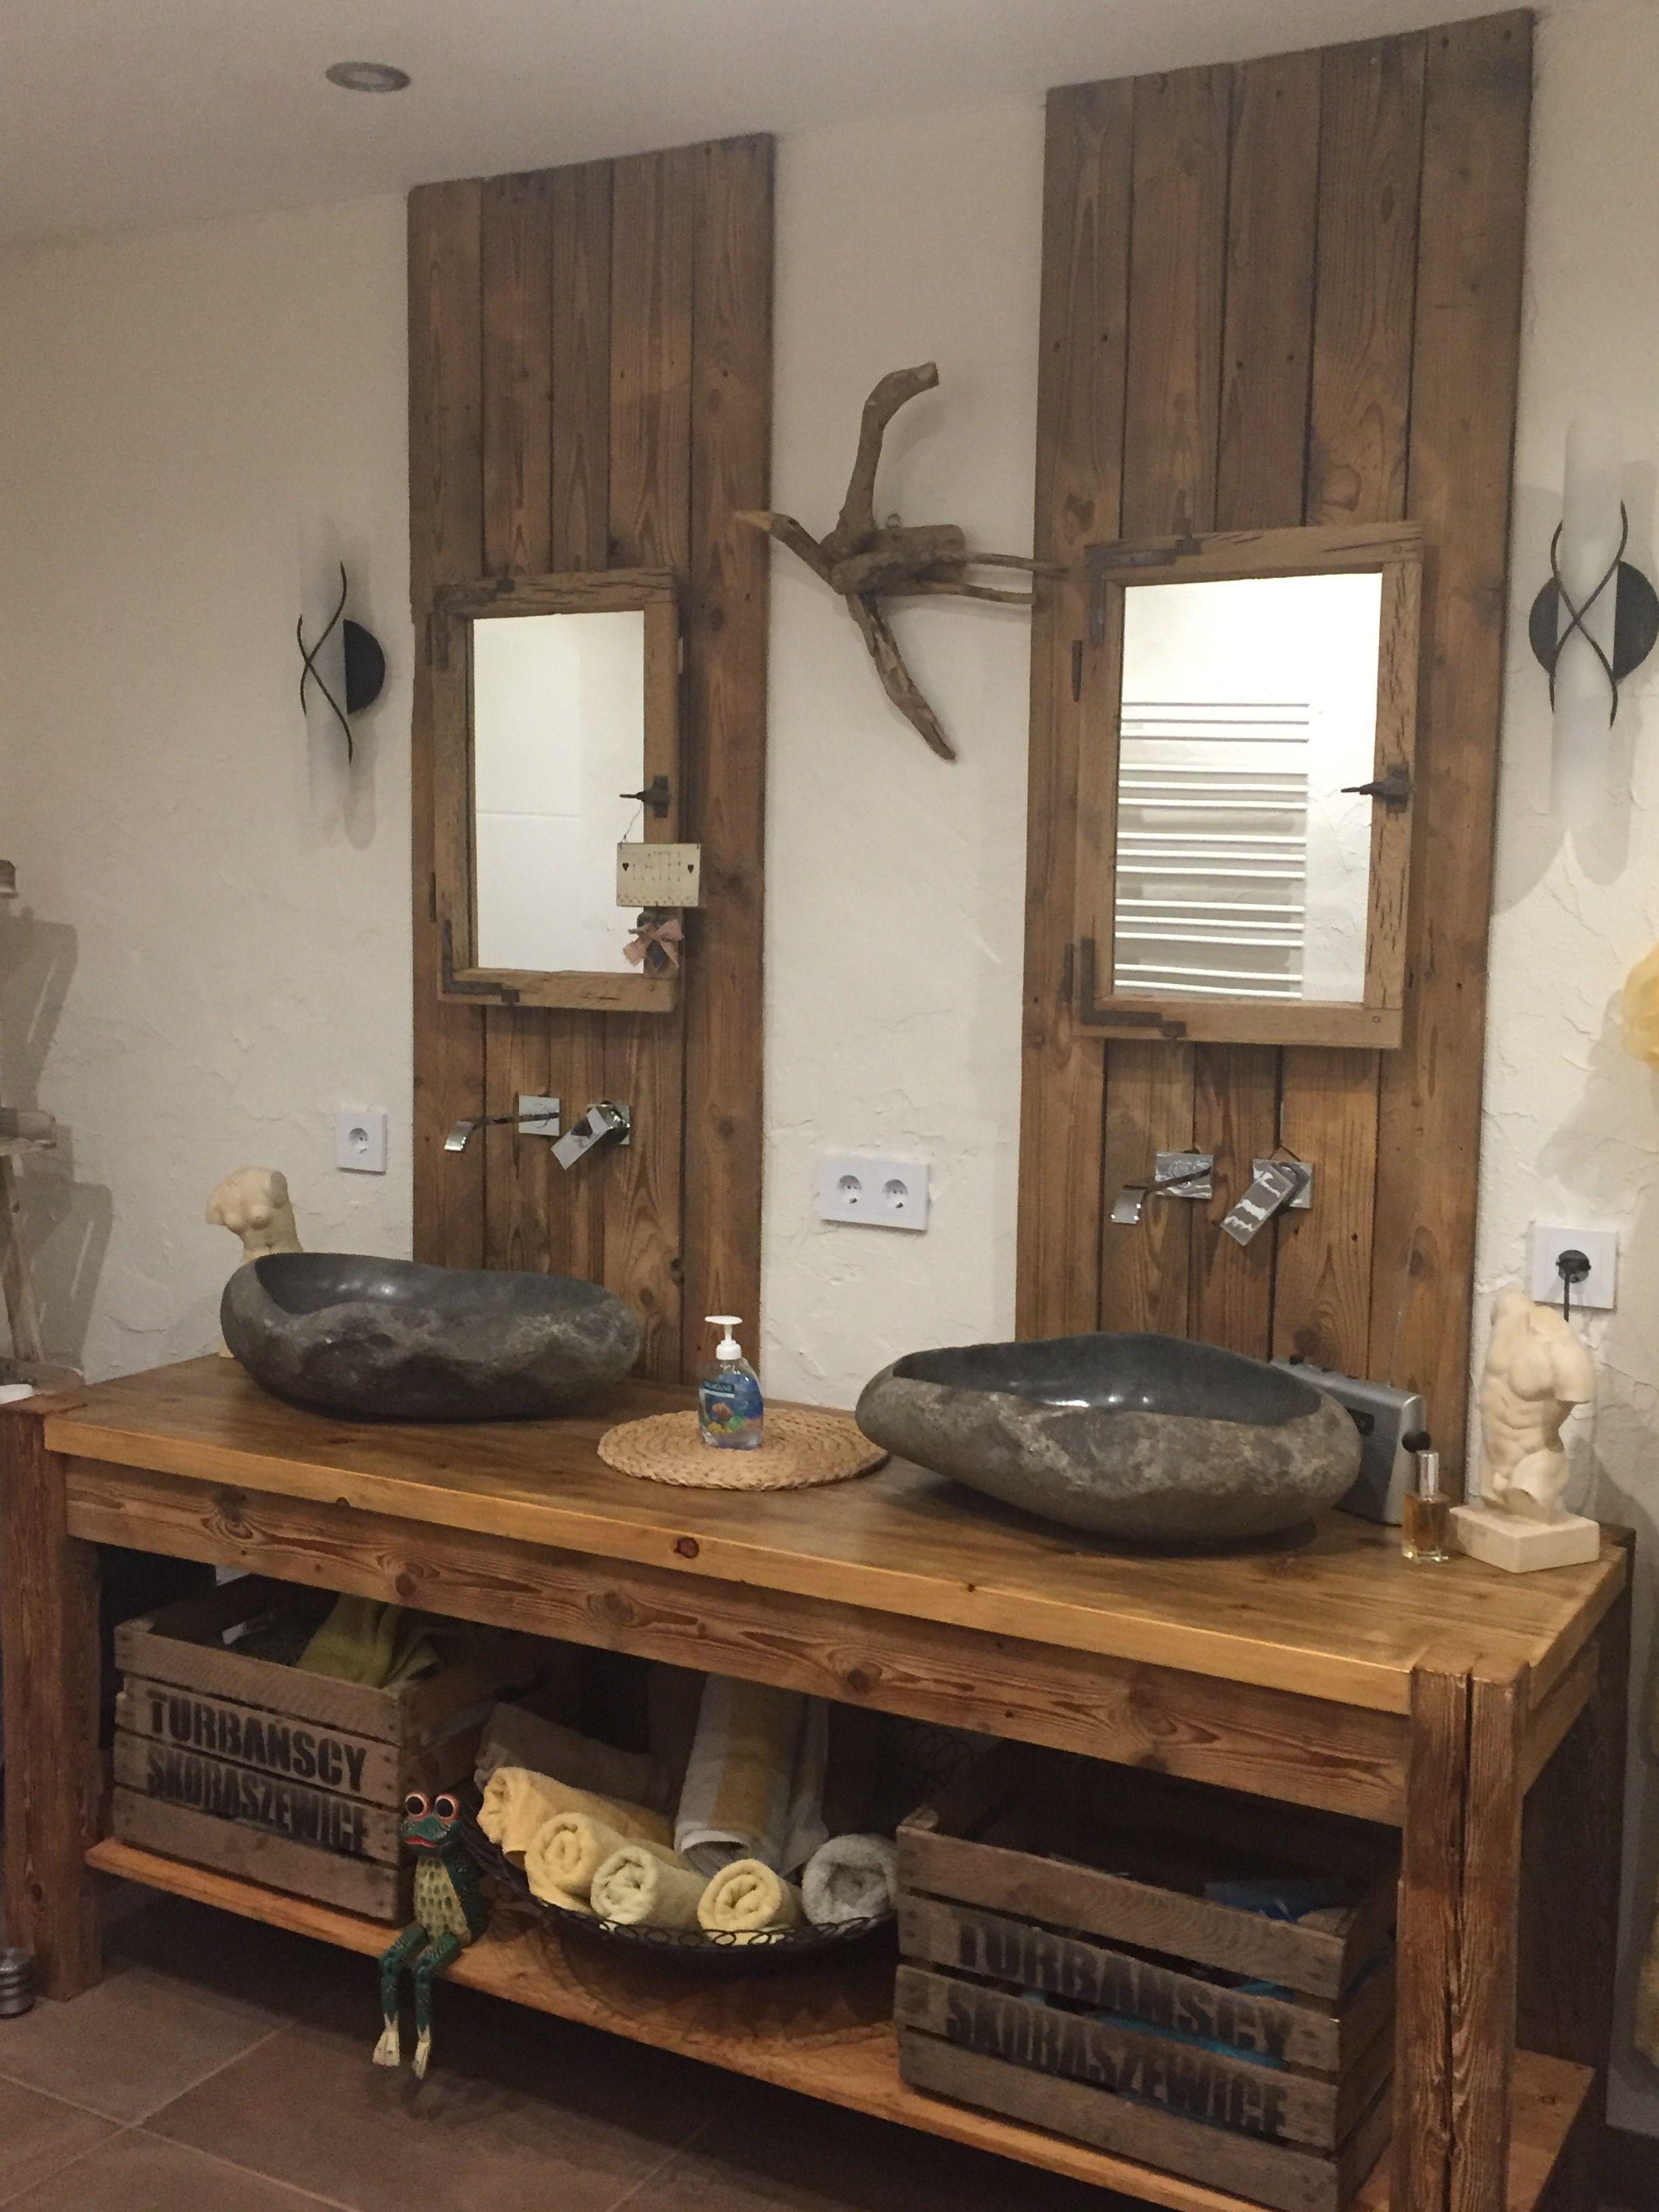 8 Rustikalen Waschtisch Aus Altholz Mit Steinwaschbecken Und Eintagamsee Industriedesign Badezimmer Landliche Badezimmer Steinwaschbecken